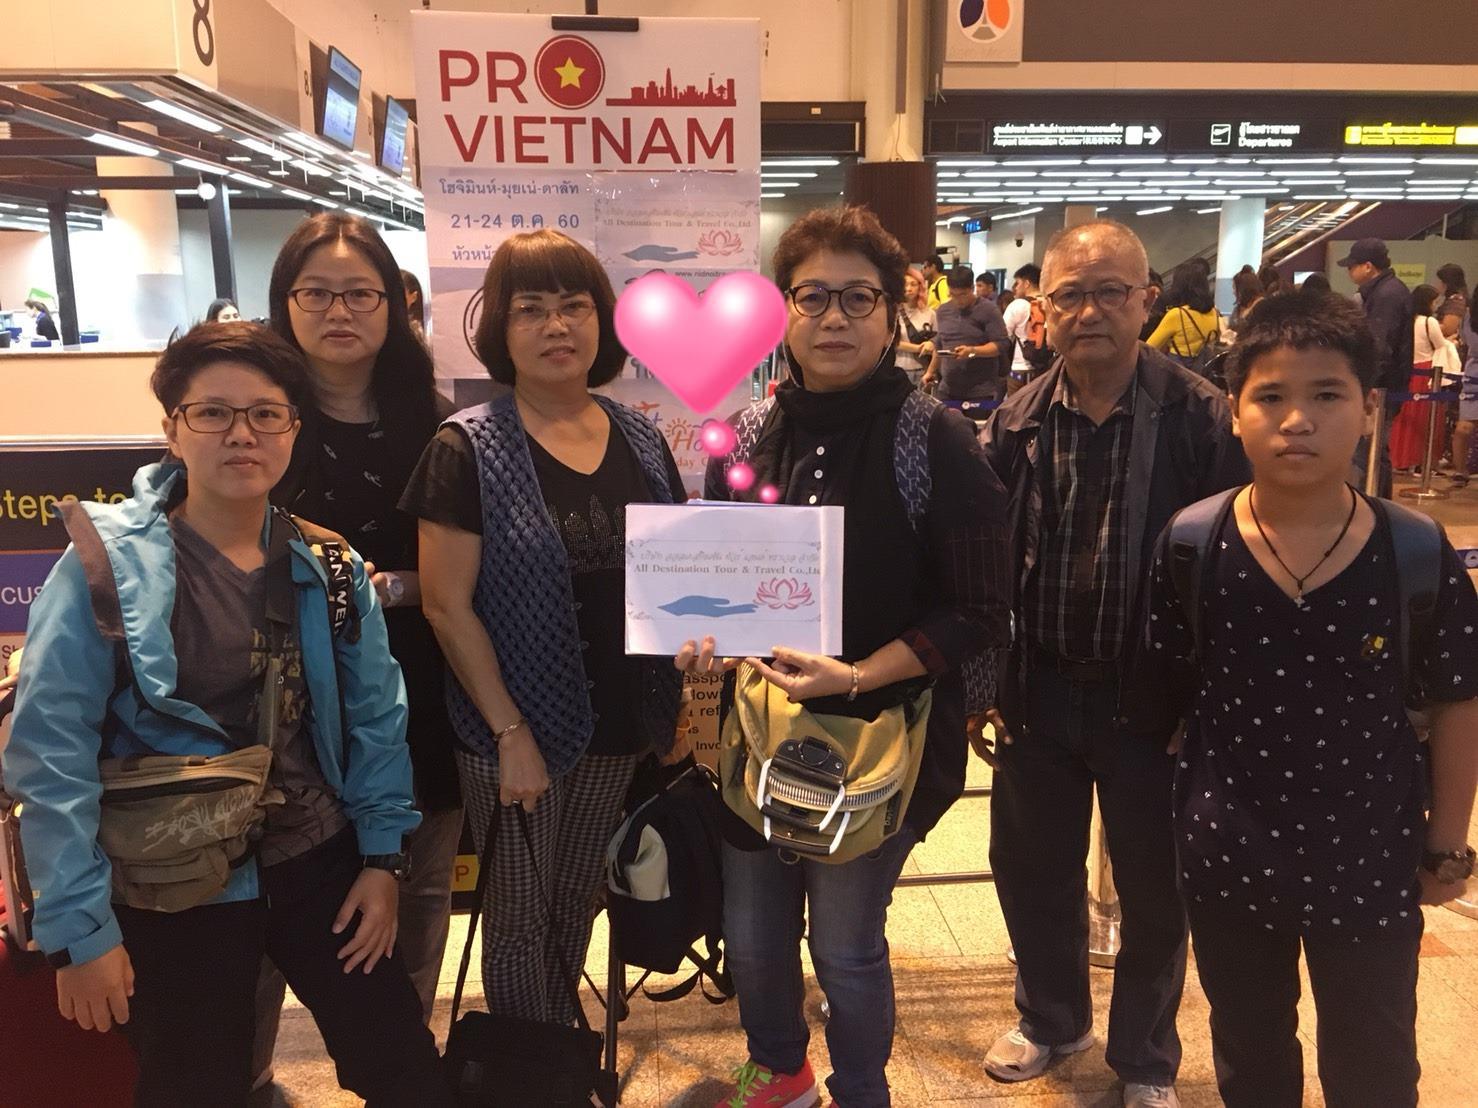 ทัวร์ เวียตนามใต้ โฮจิมินห์ มุยเน่ ดาลัด 4 วัน 3 คืน บิน SL วันที่ 21-24 ตุลาคม 2560 (คุณ น้ำทิพย์ และครอบครัว)